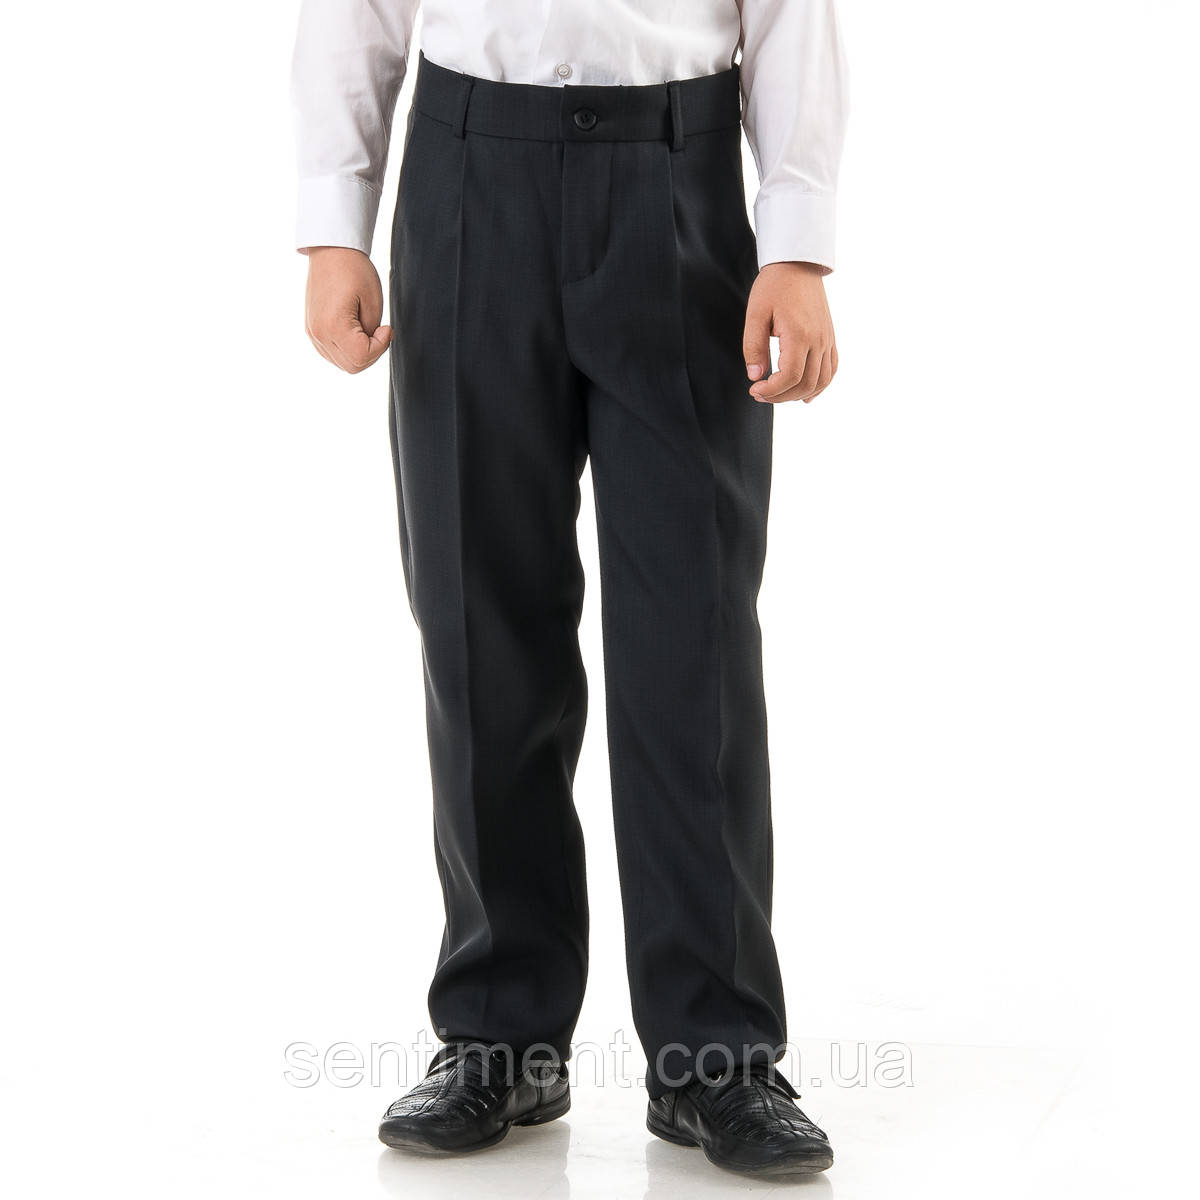 Купить зимние школьные брюки для мальчика